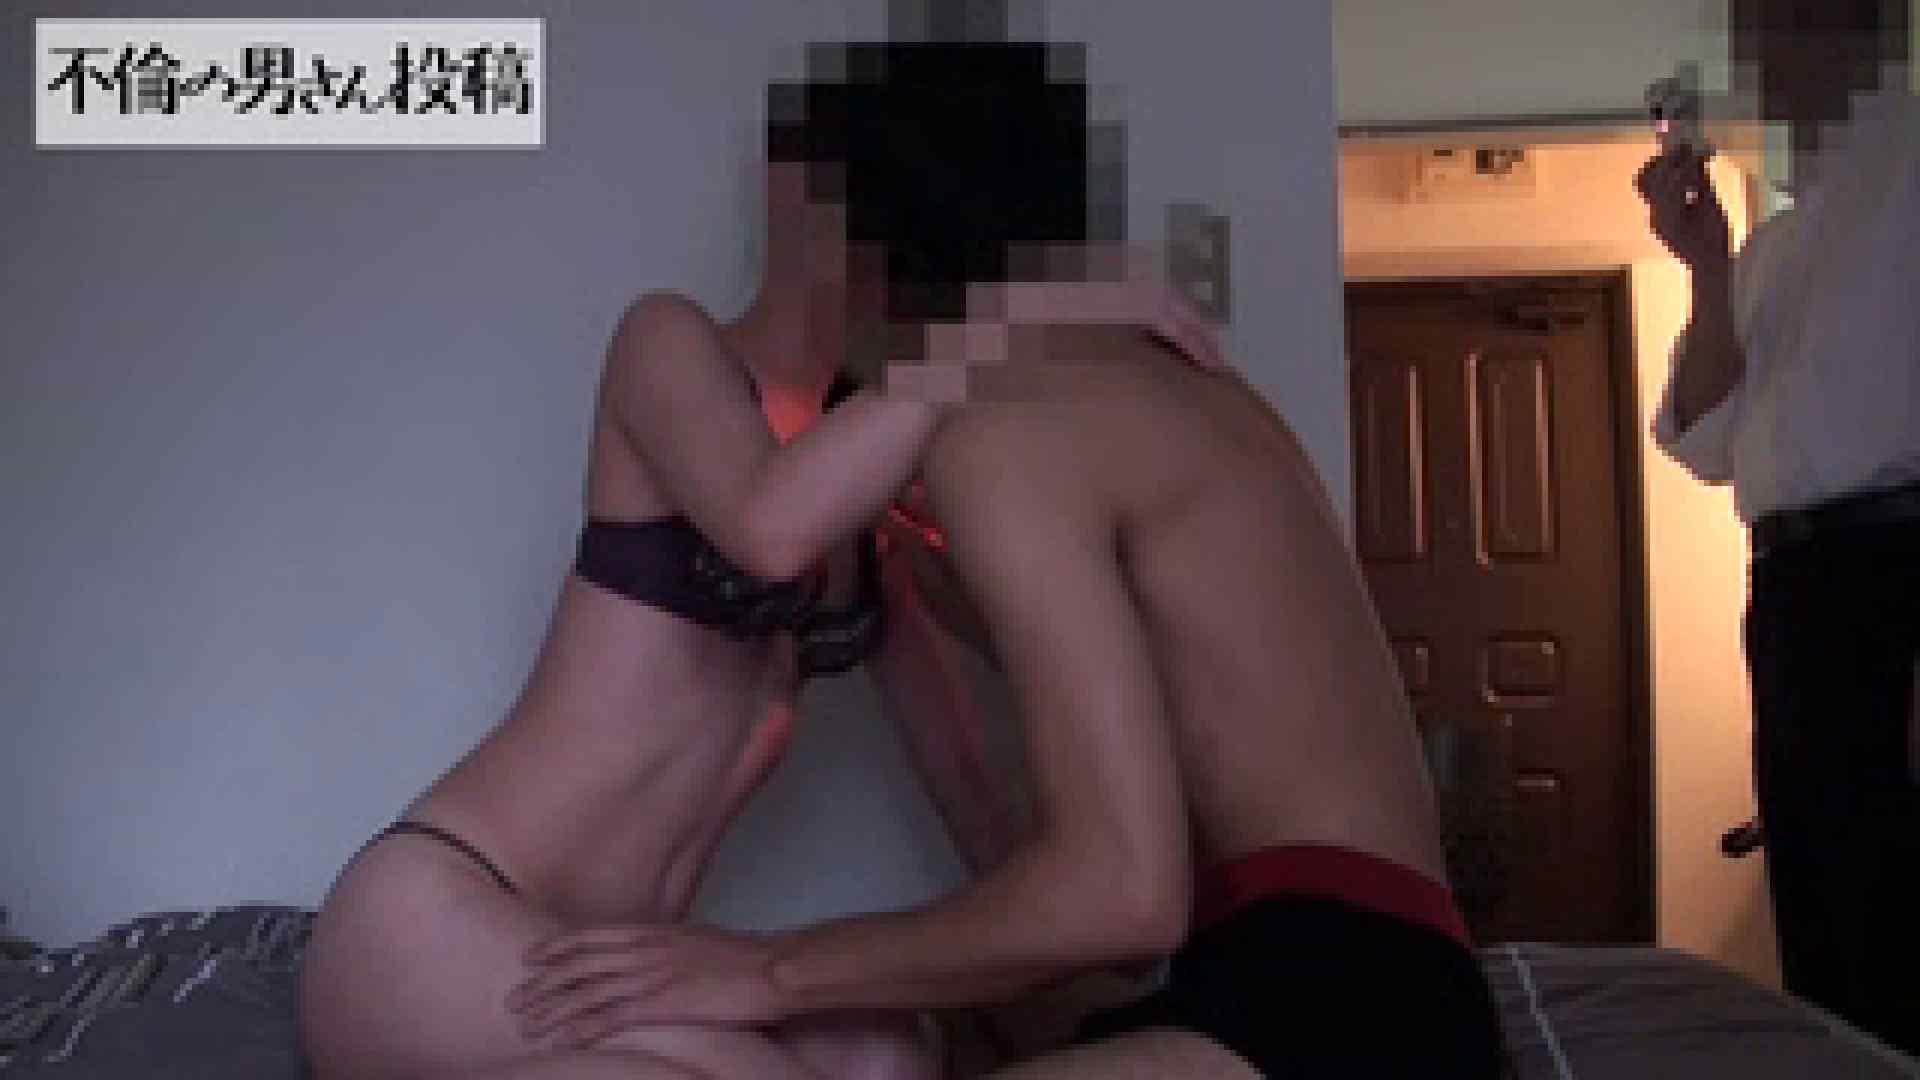 会計事務所勤務 高橋みゆき30歳 W不倫の不倫部屋の記録3 投稿 | 一般投稿  80pic 11